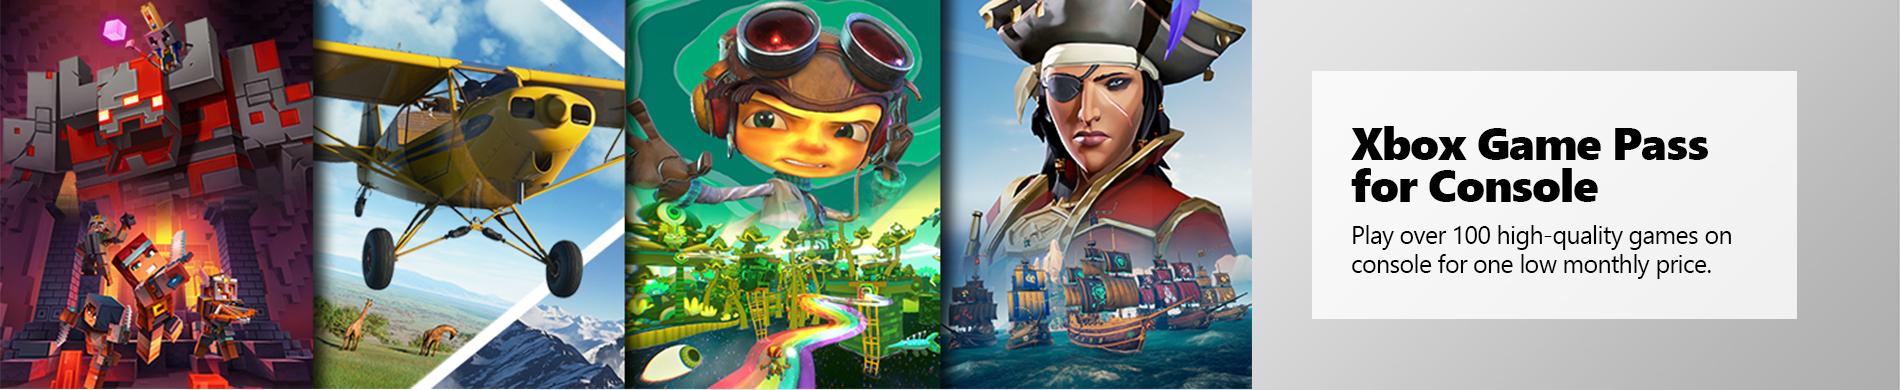 Microsoft Xbox GamepassLP Update 08.16.XGP